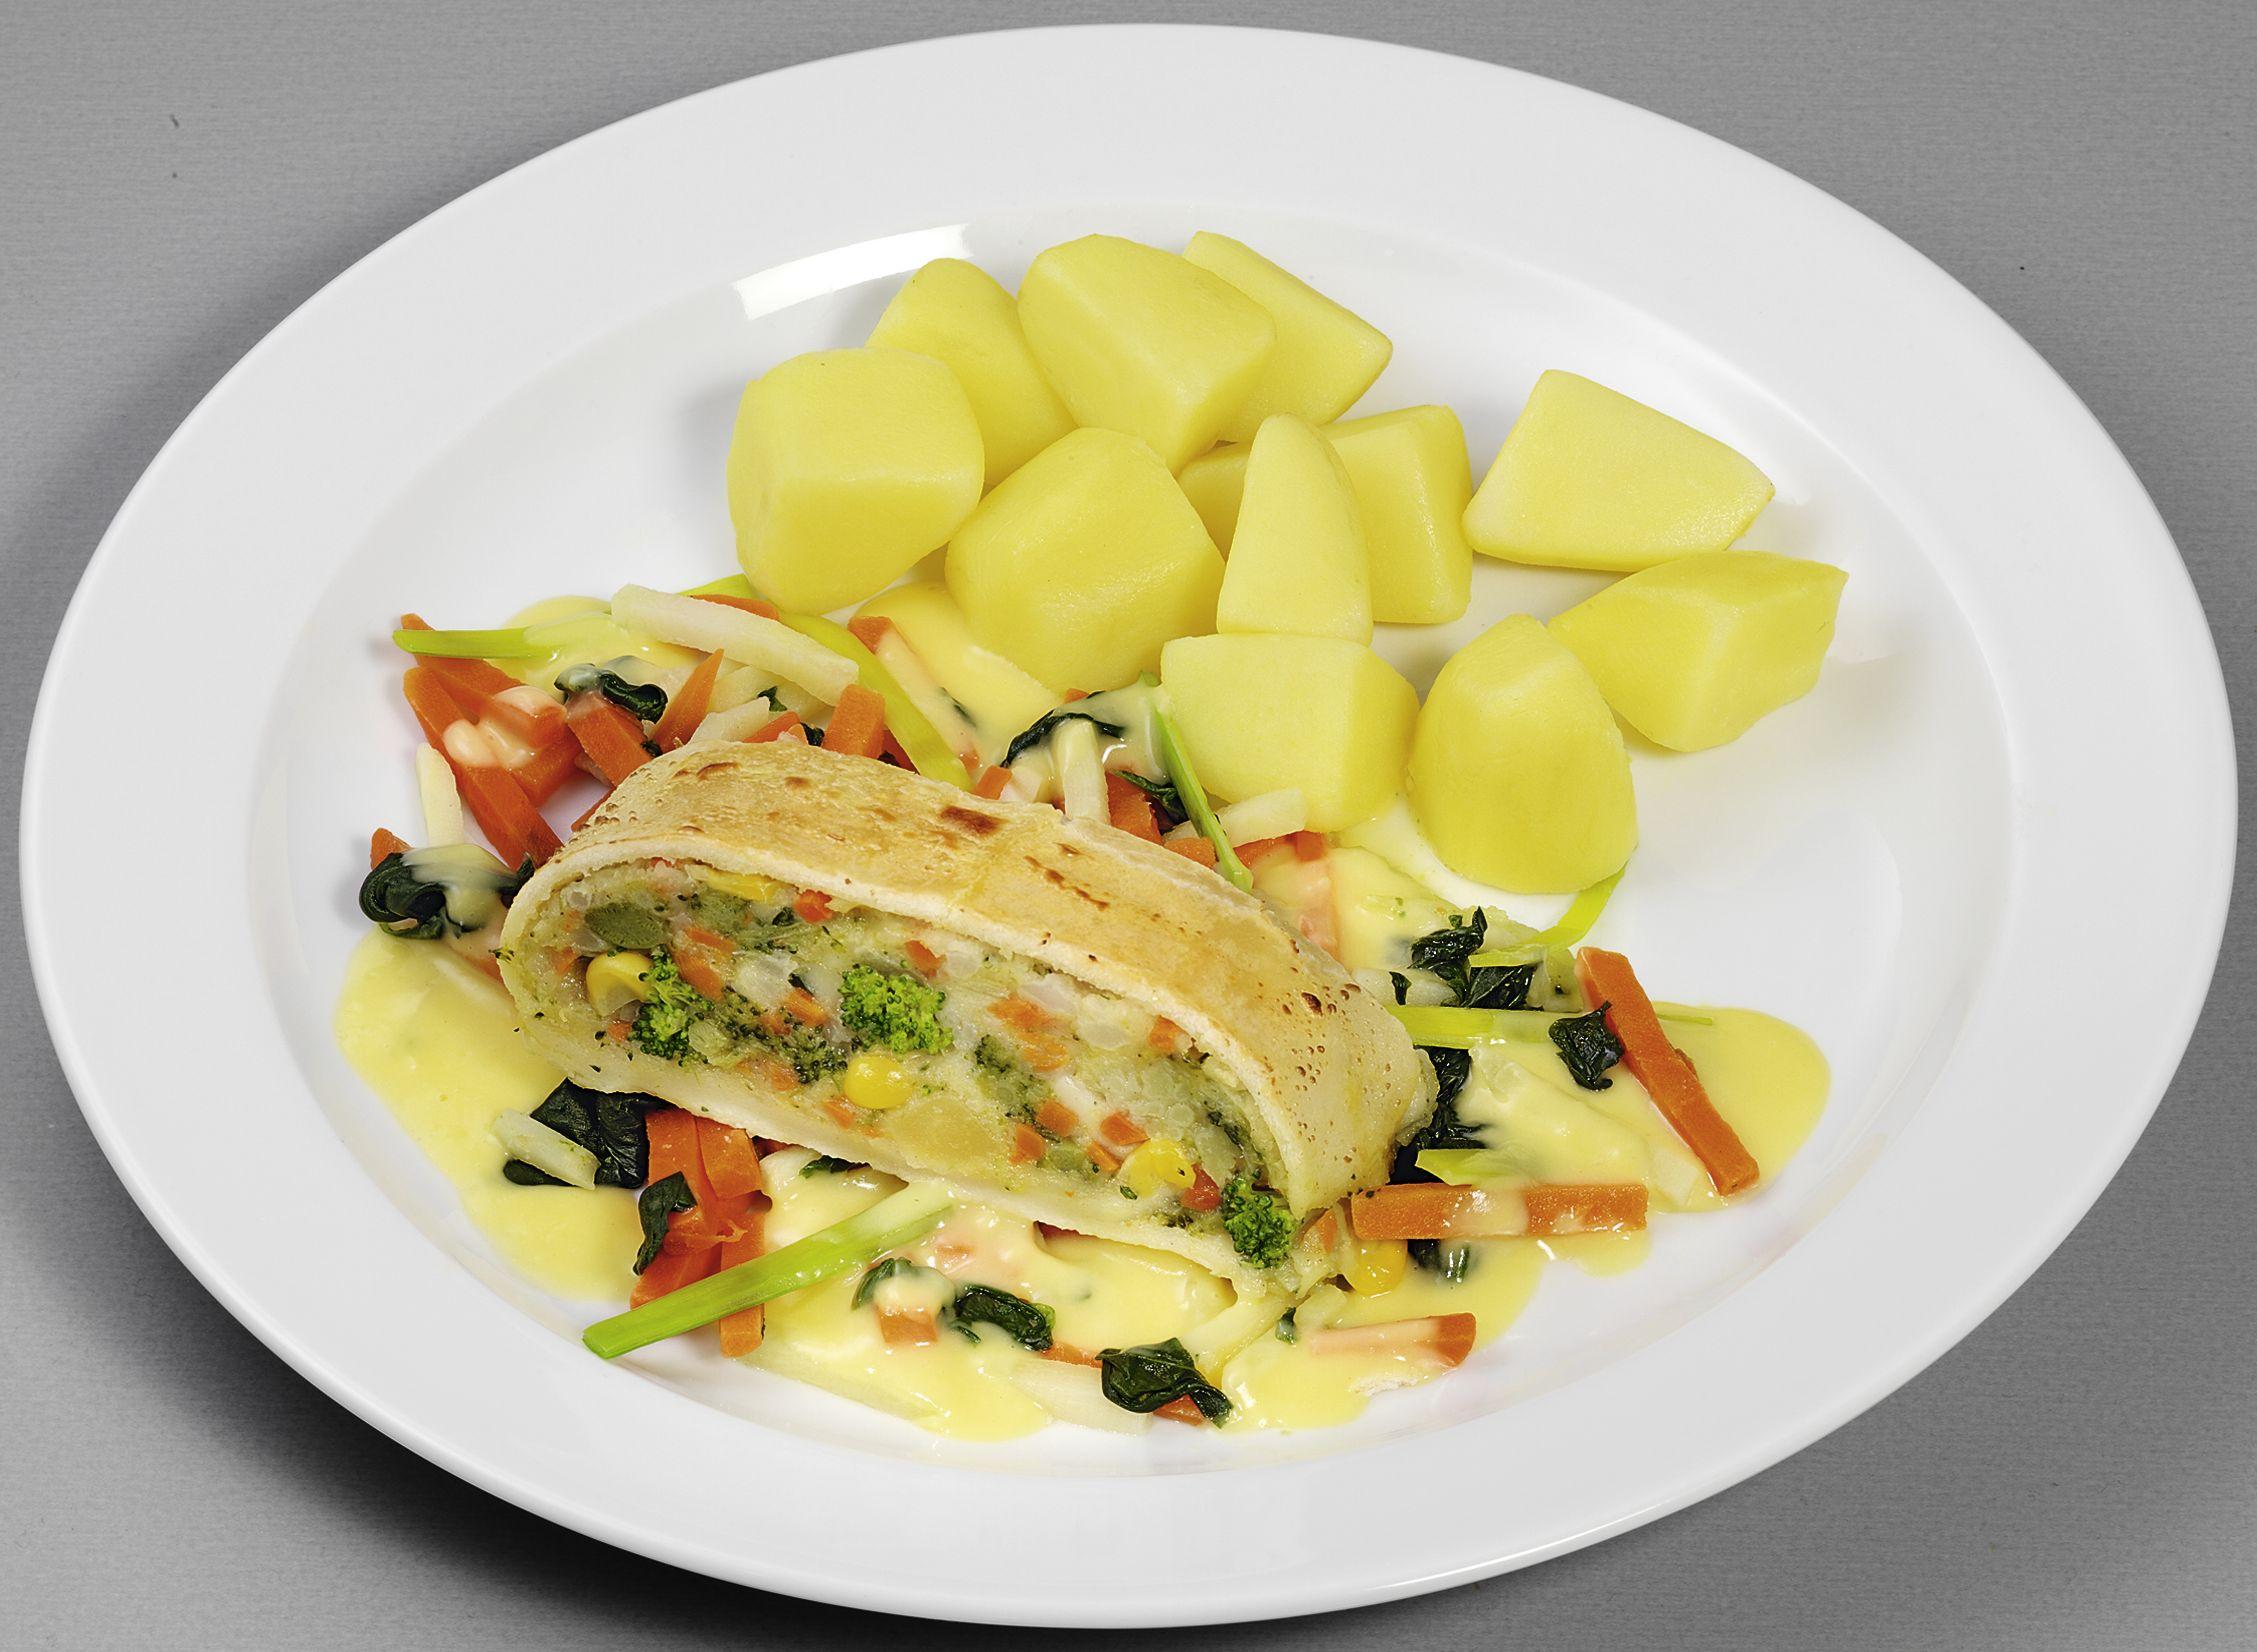 Gefüllter, vegetarischer Strudel auf Gemüsebett, dazu Kartoffelwürfel und Soße à la Hollandaise